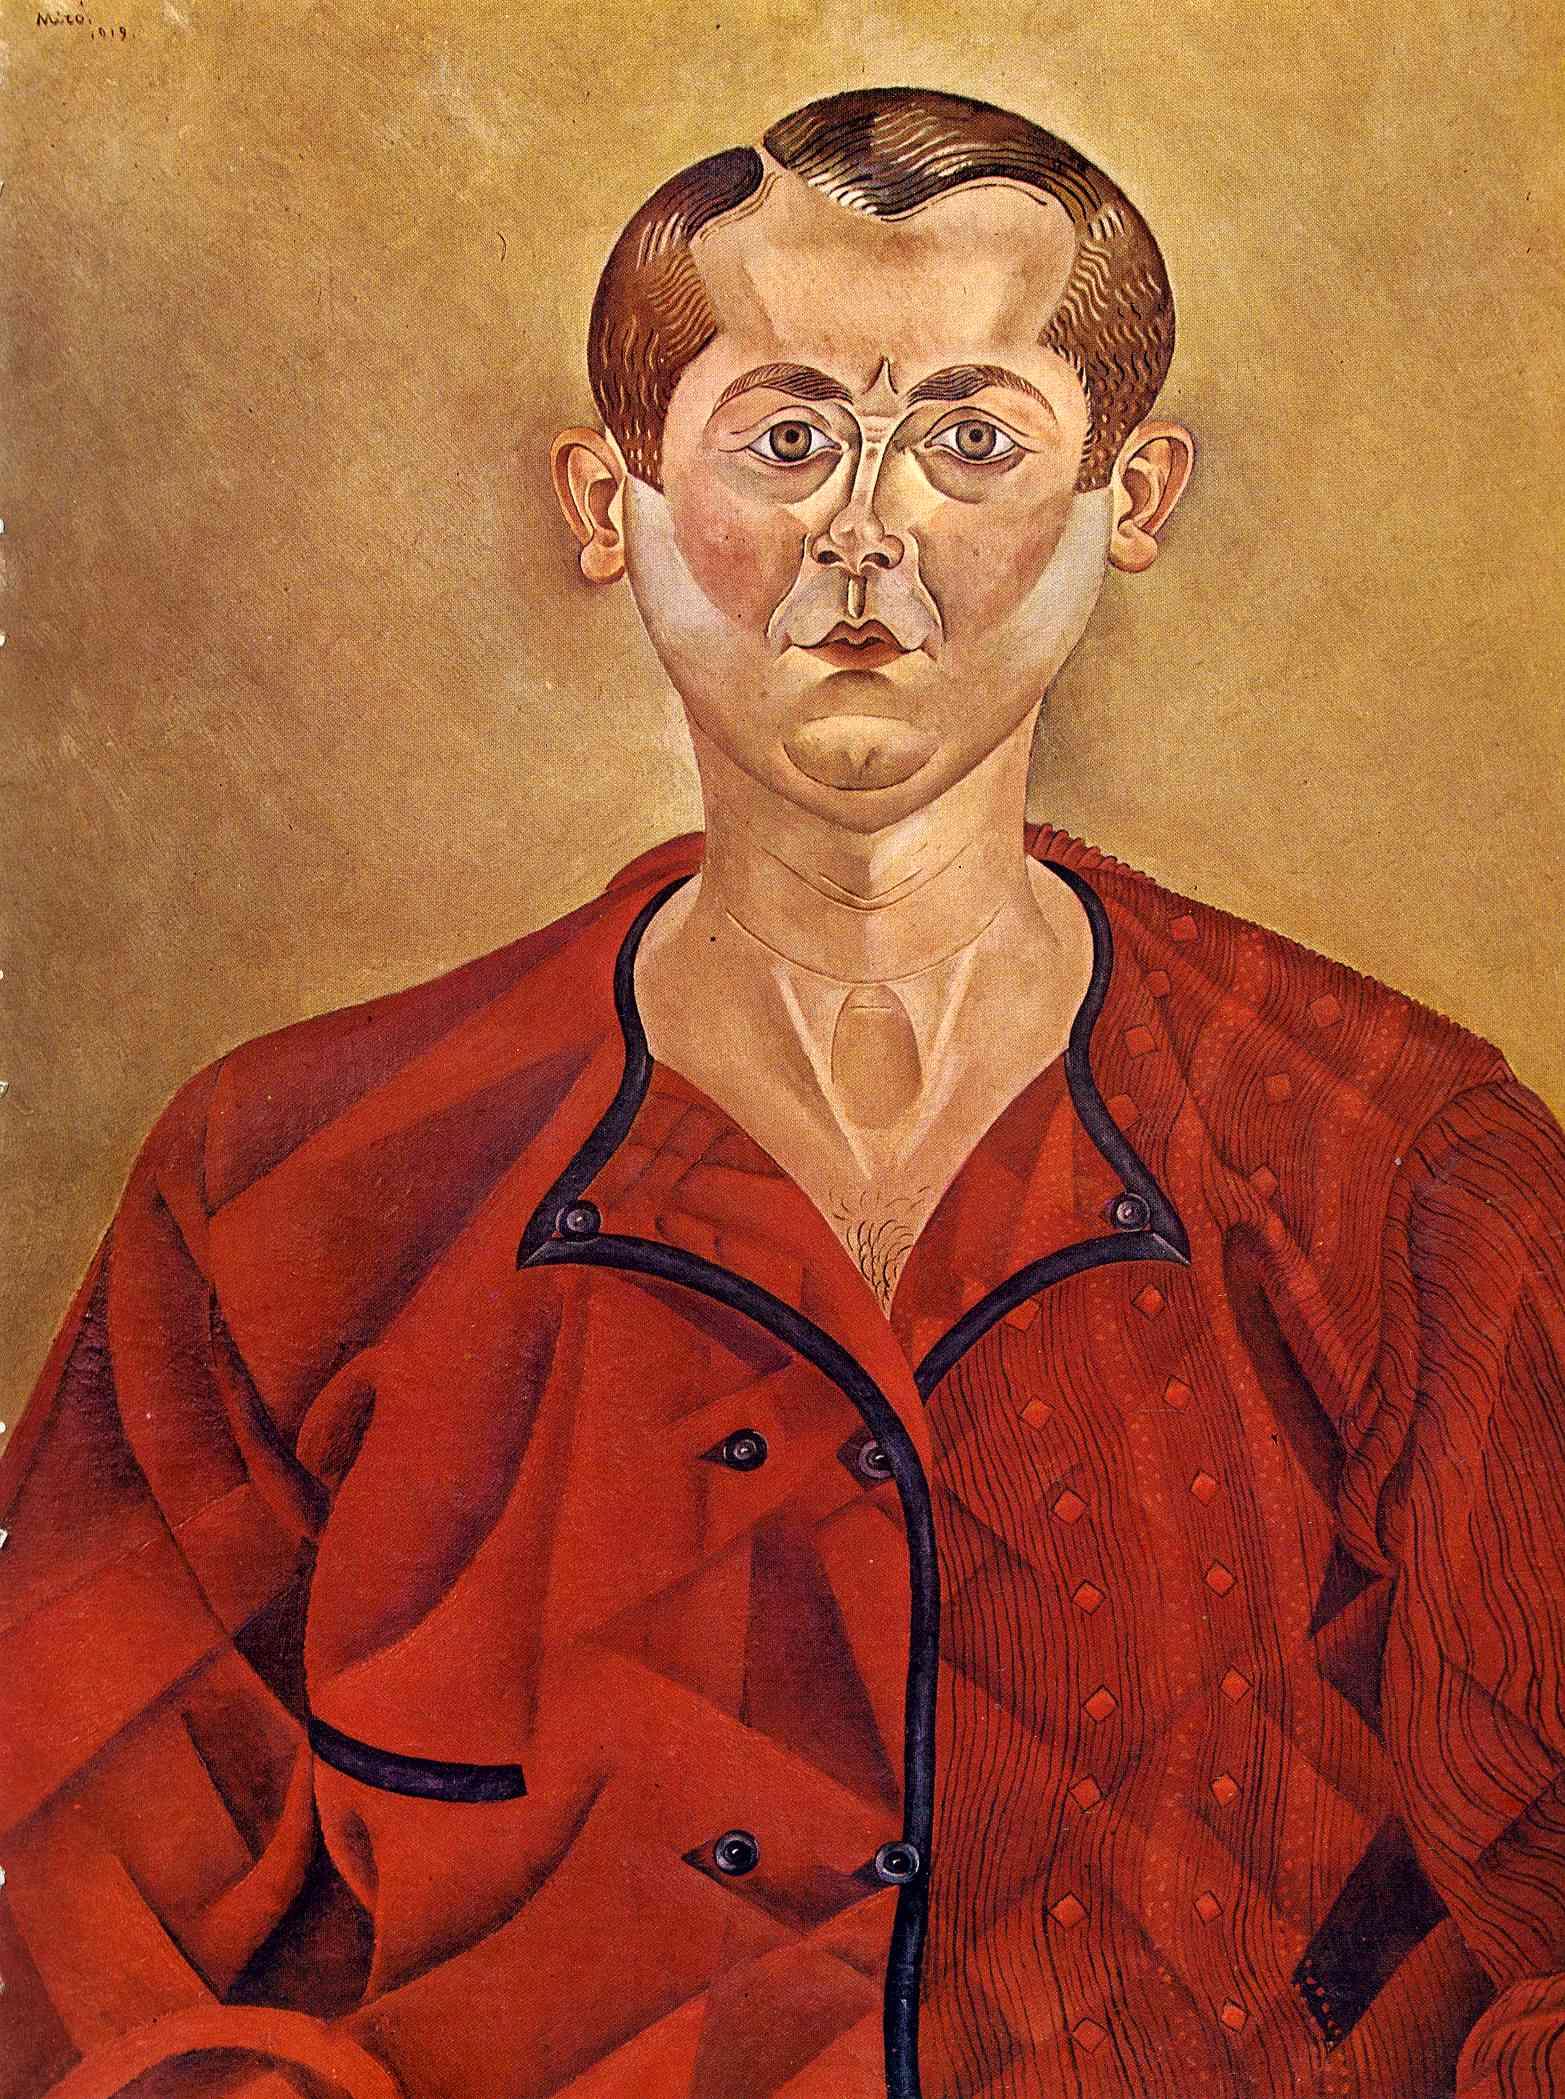 Resultado de imagen de joan miro self portrait 1919